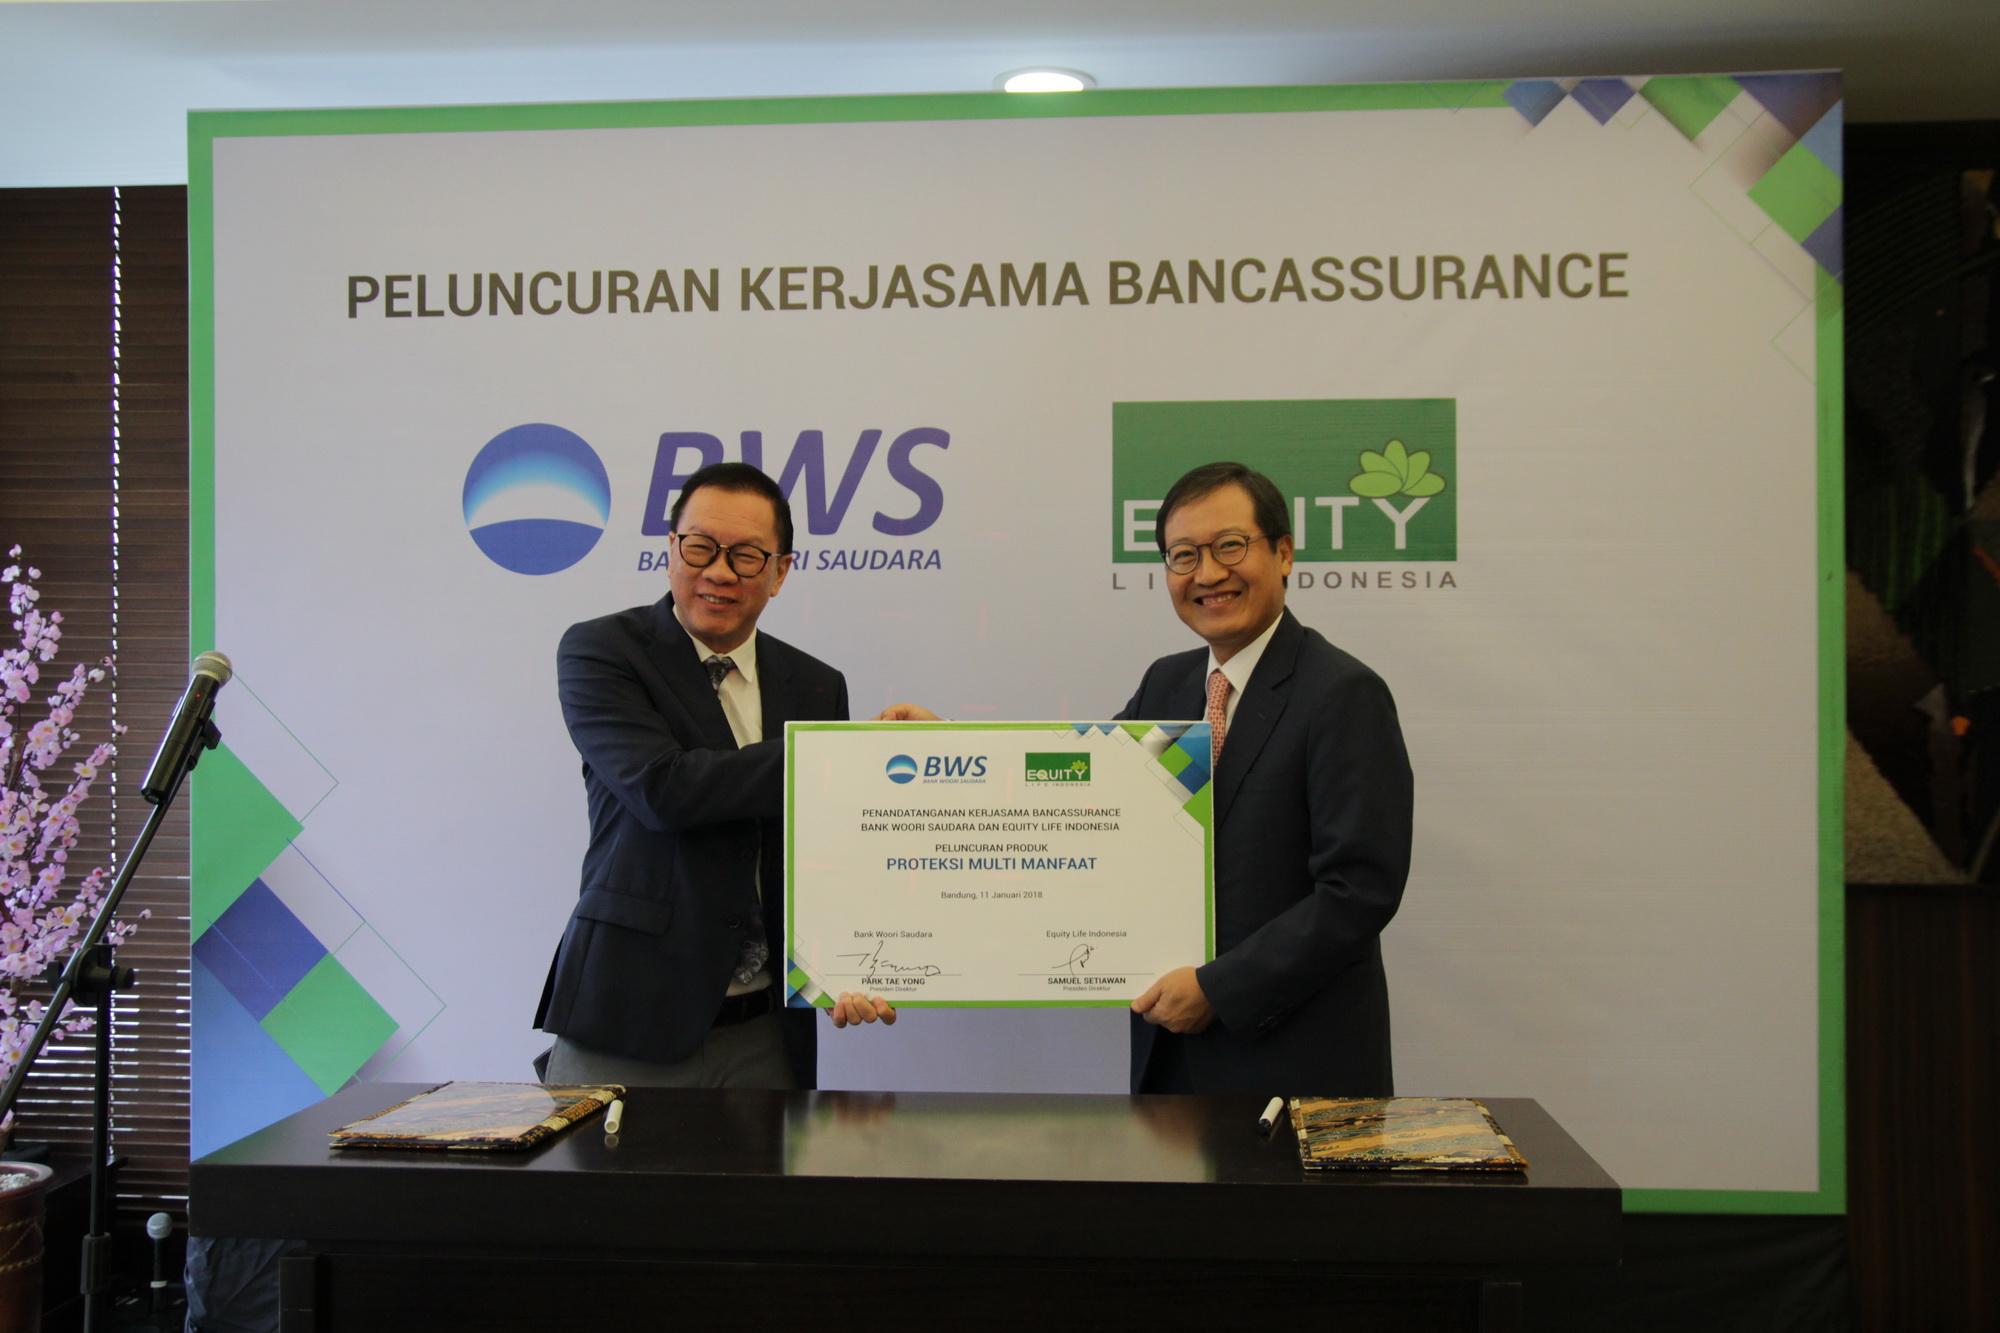 Bank Woori Saudara dan Equity Life Indonesia Jalin Kemitraan Strategis untuk Memenuhi Kebutuhan Proteksi dan Investasi Nasabah dengan Memasarkan Produk Bancassurance, Proteksi Multi Manfaat